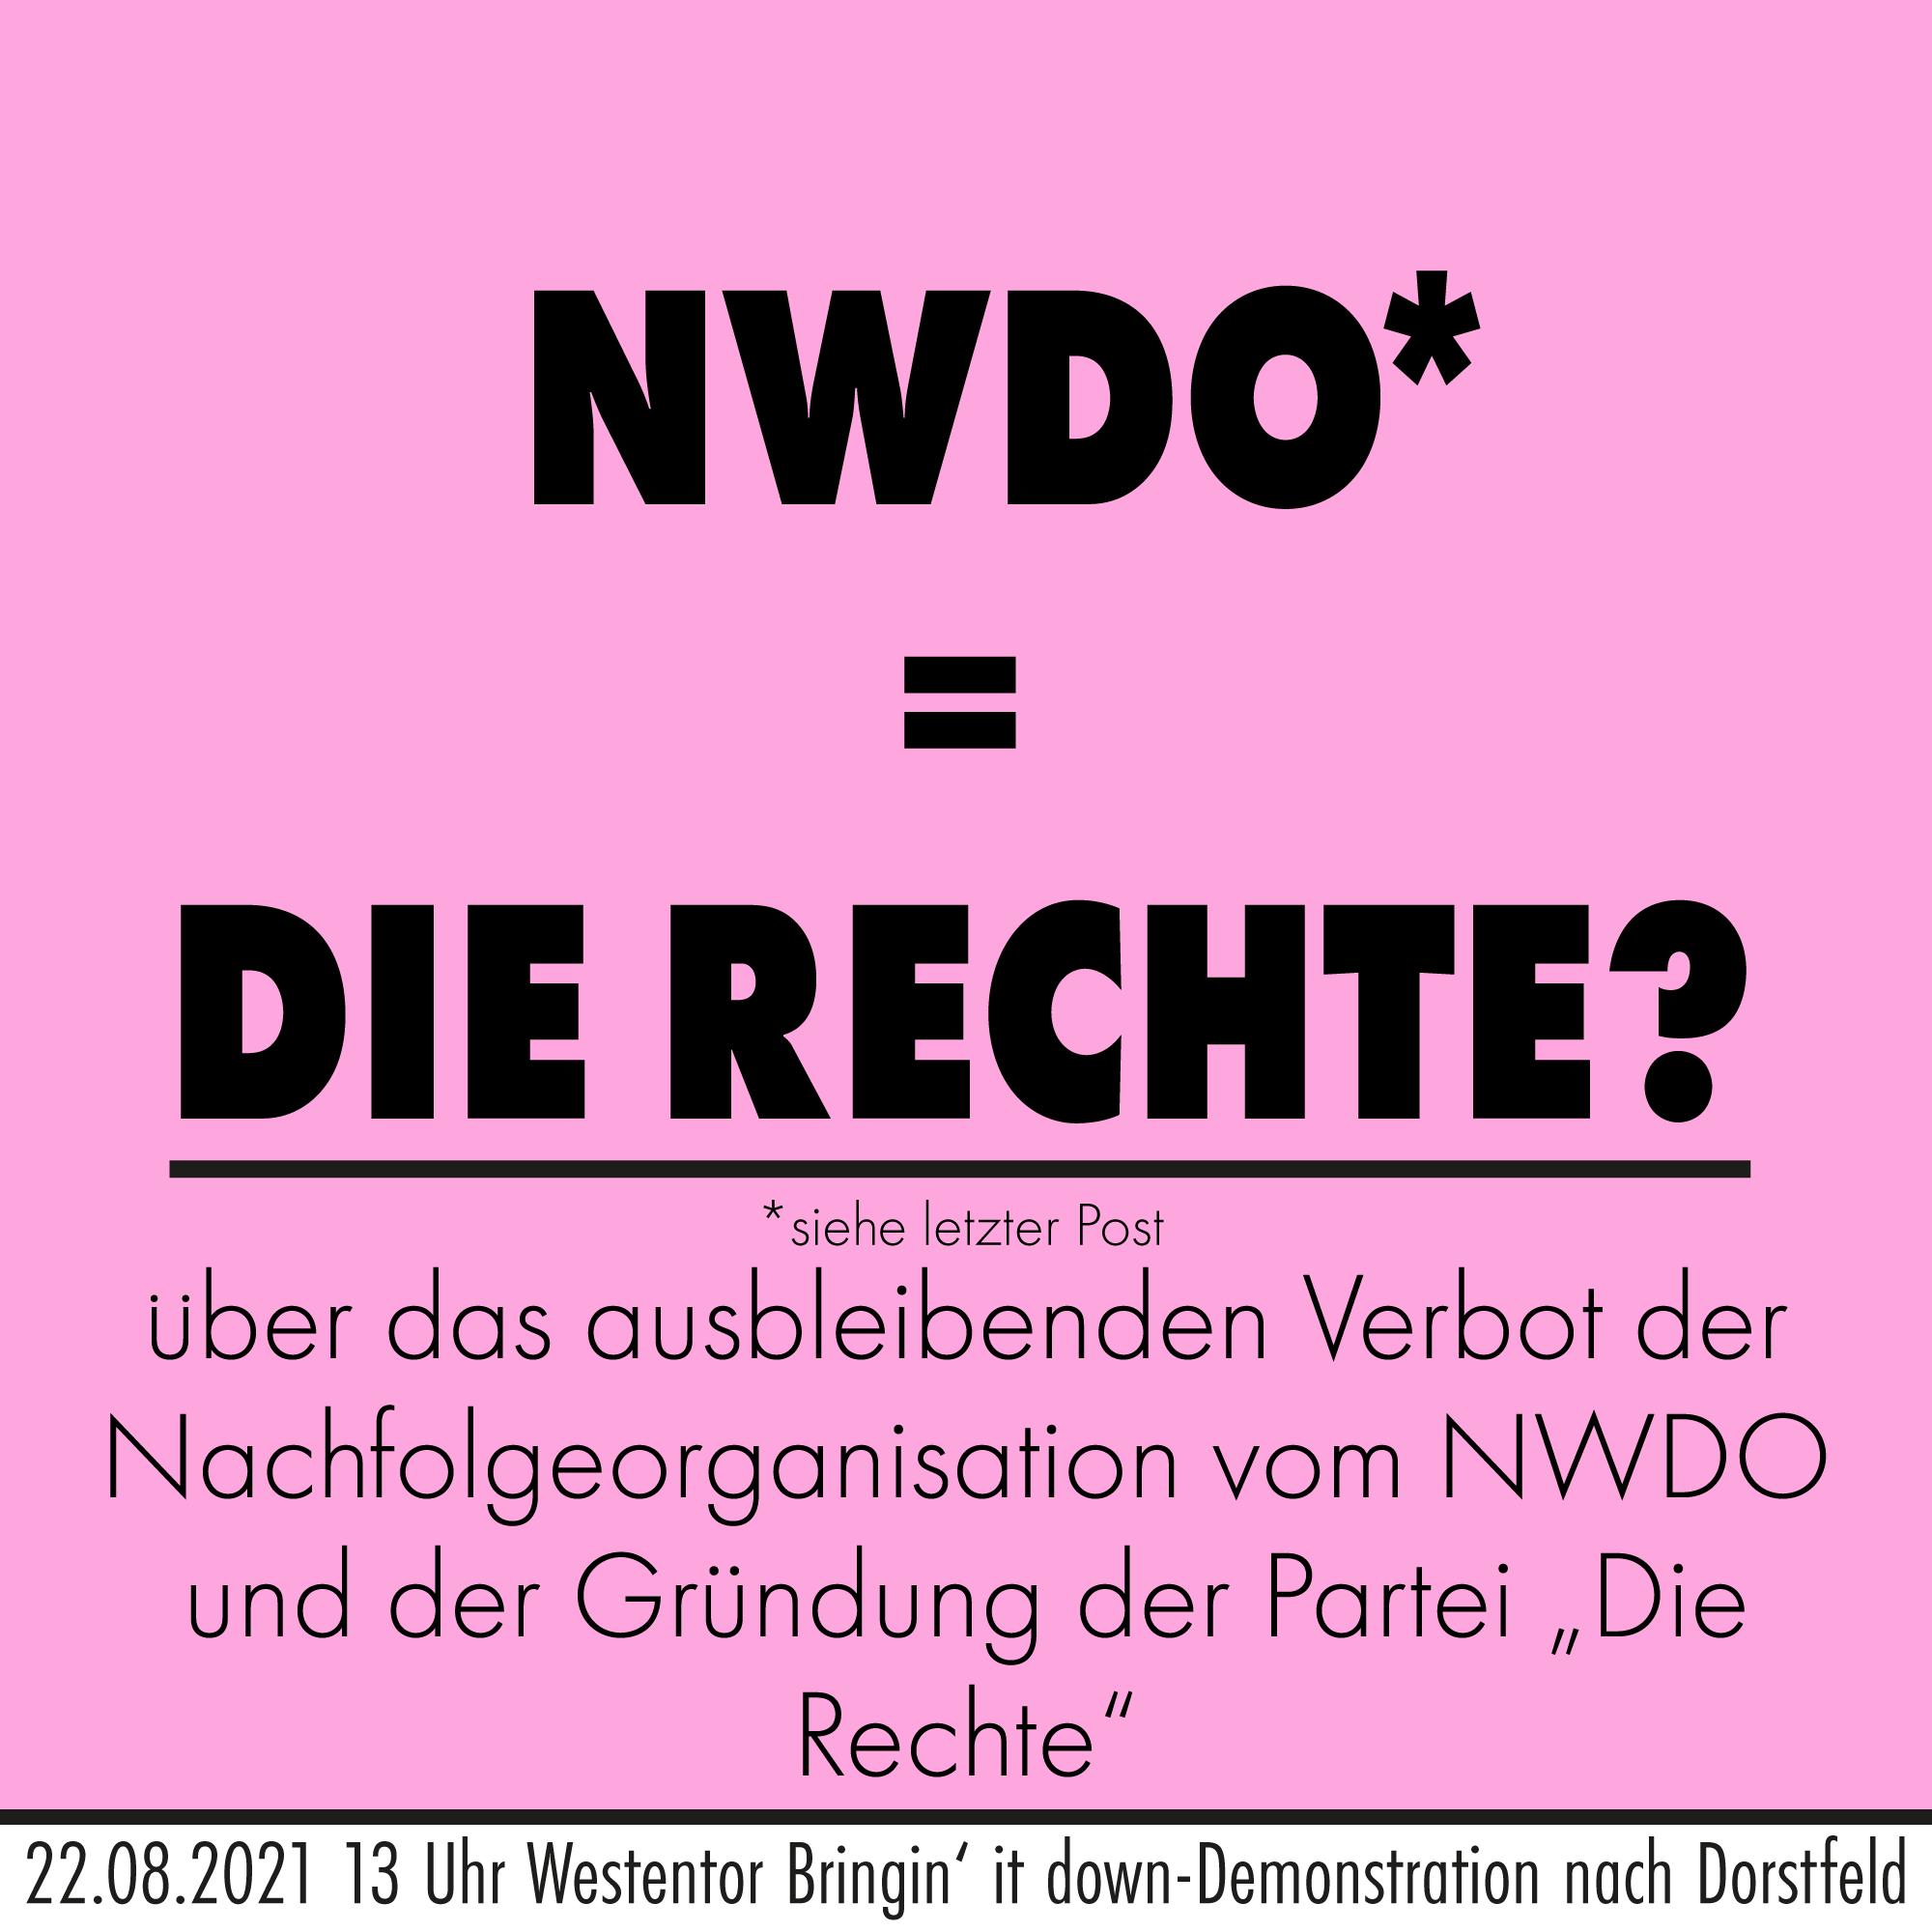 """NWDO* = Die Rechte?  *siehe letzter Post über das ausbleibende Verbot der Nachfolgeorganisation vom NWDO und der Gründung der Partei """"Die Rechte"""" 22.08.2021 13 Uhr Bringin' it down-Demonstration nach Dorstfeld"""